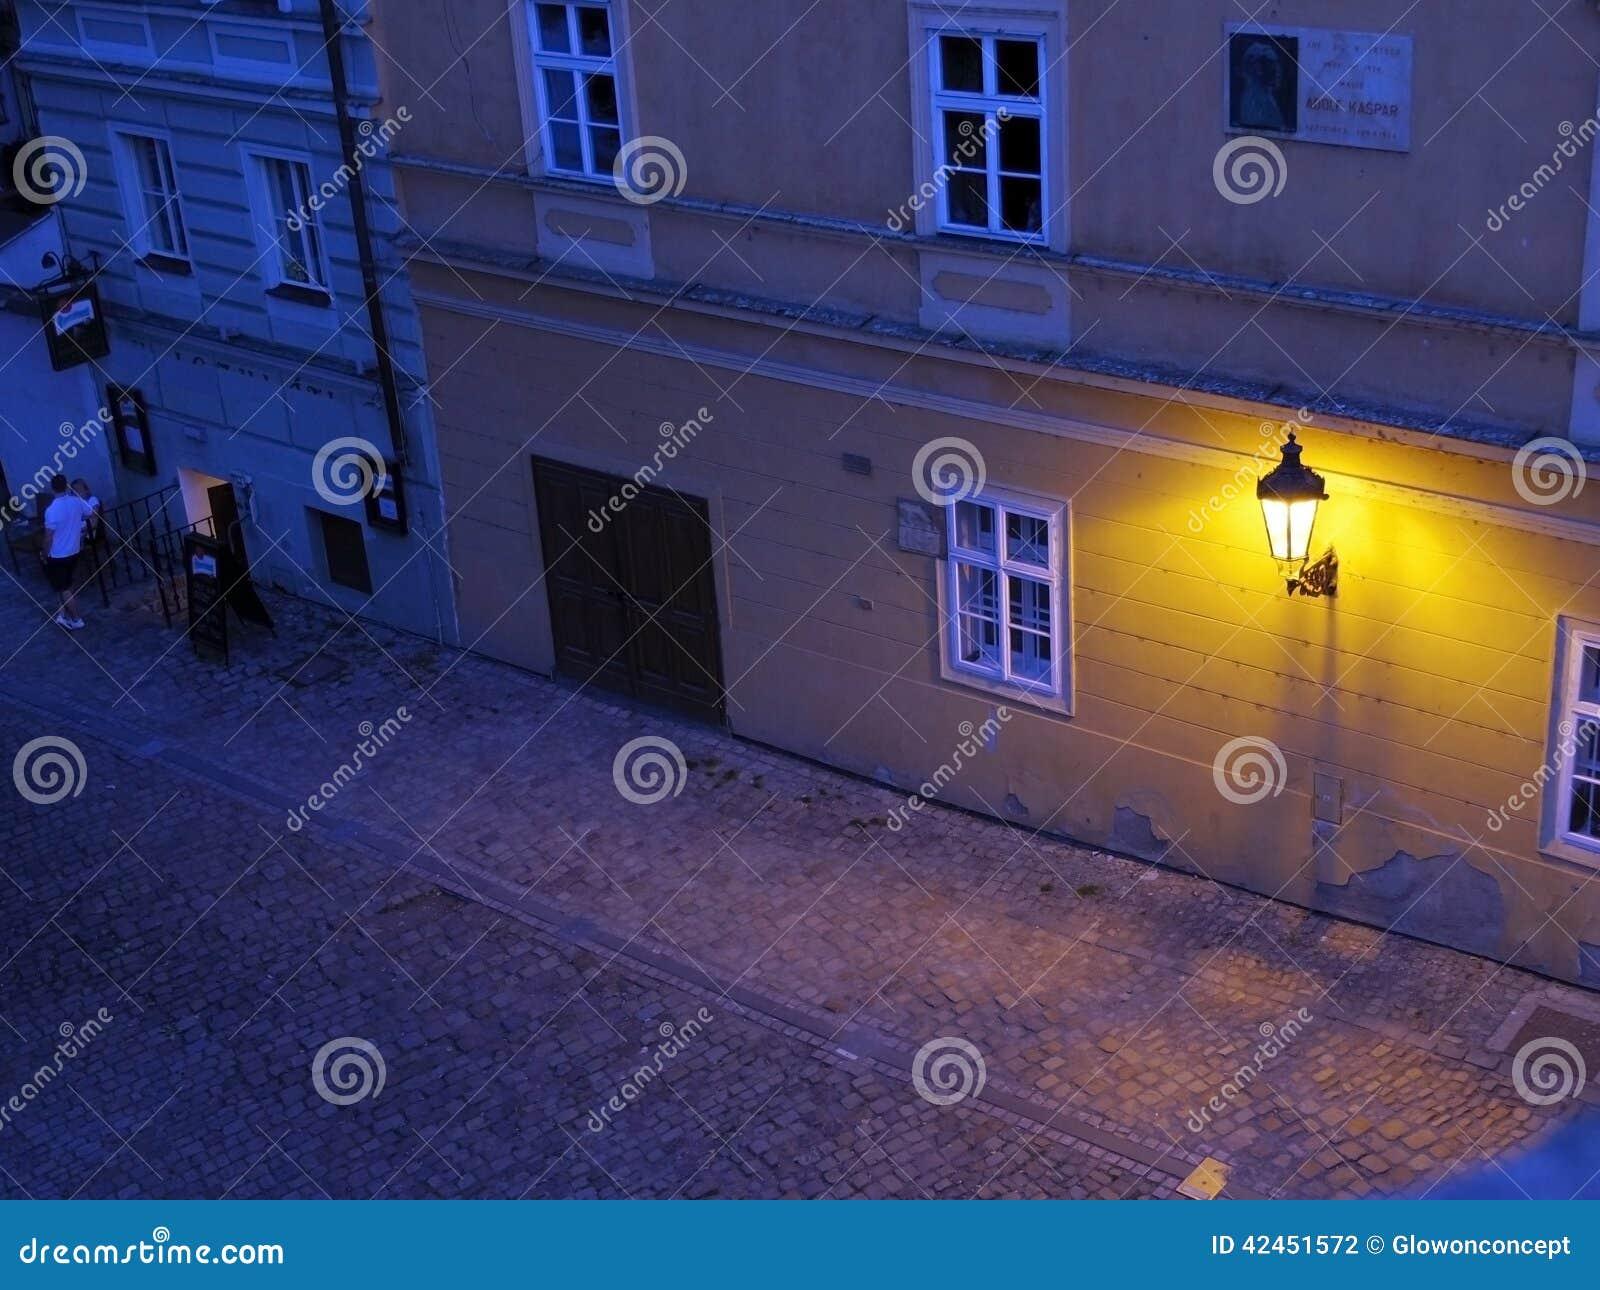 Wandlampe in der Straße